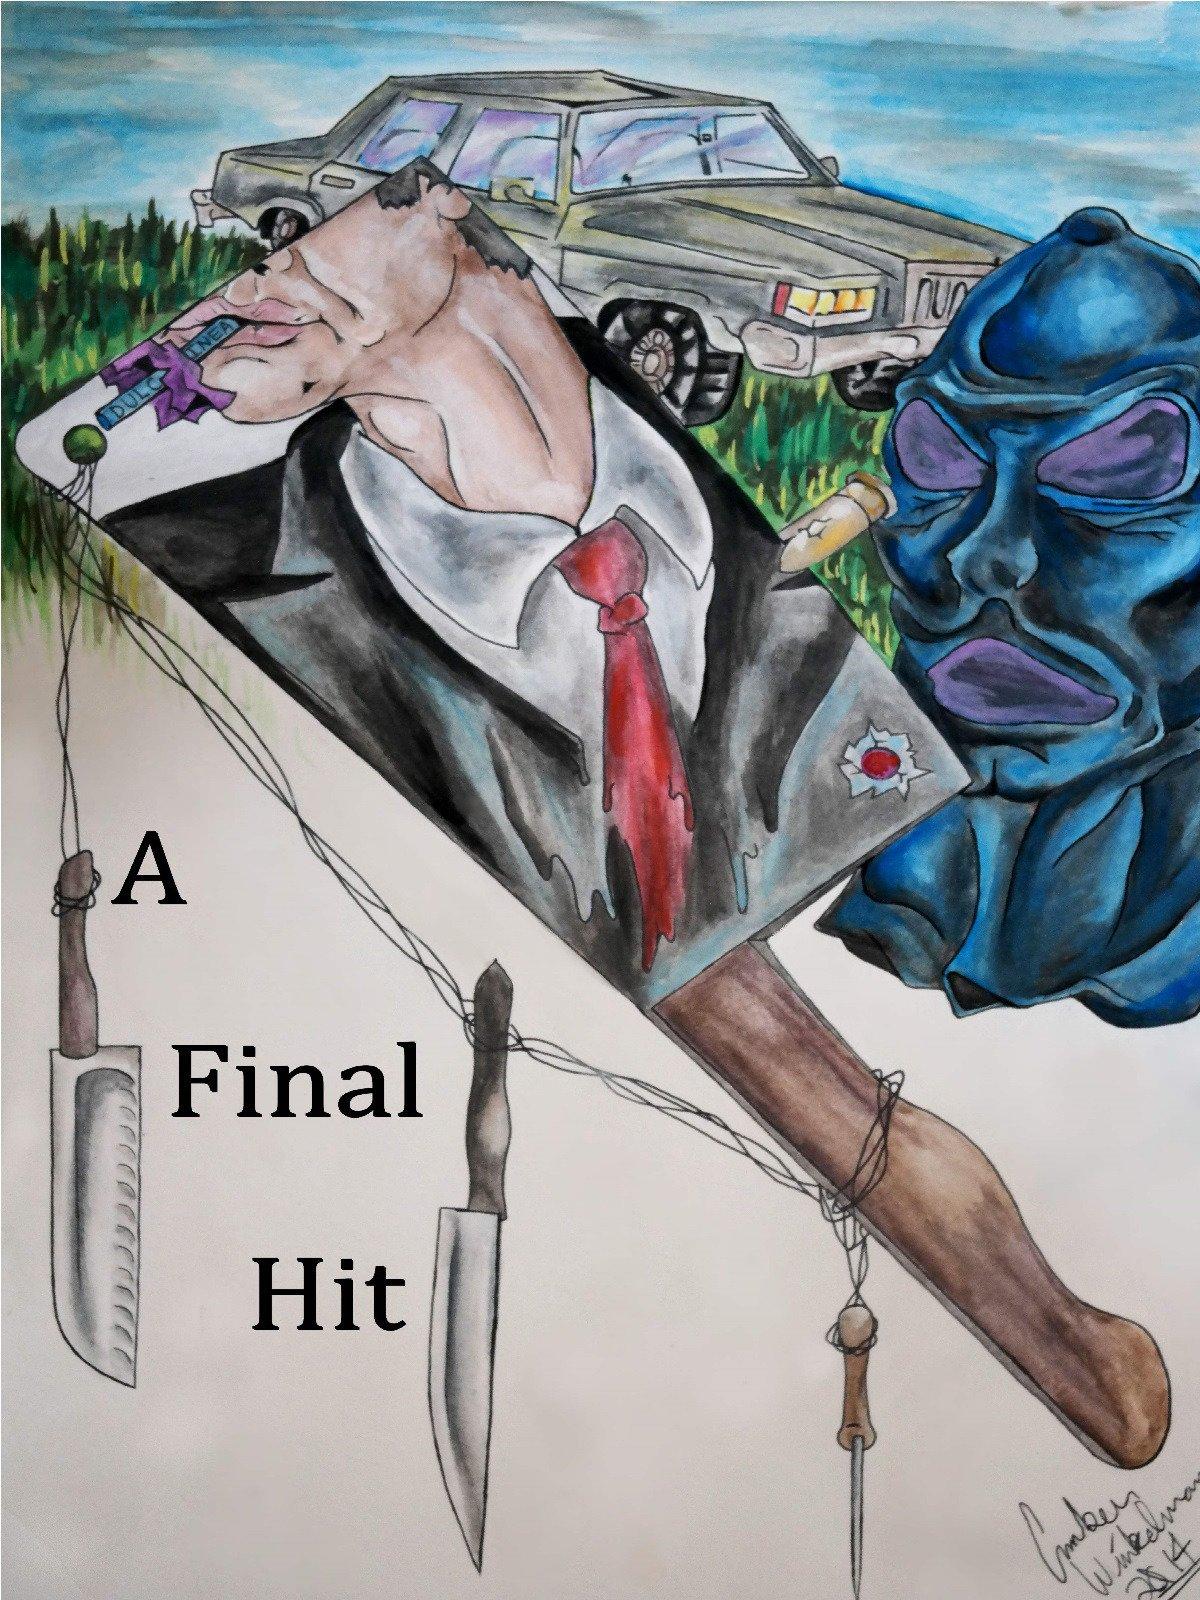 A Final Hit